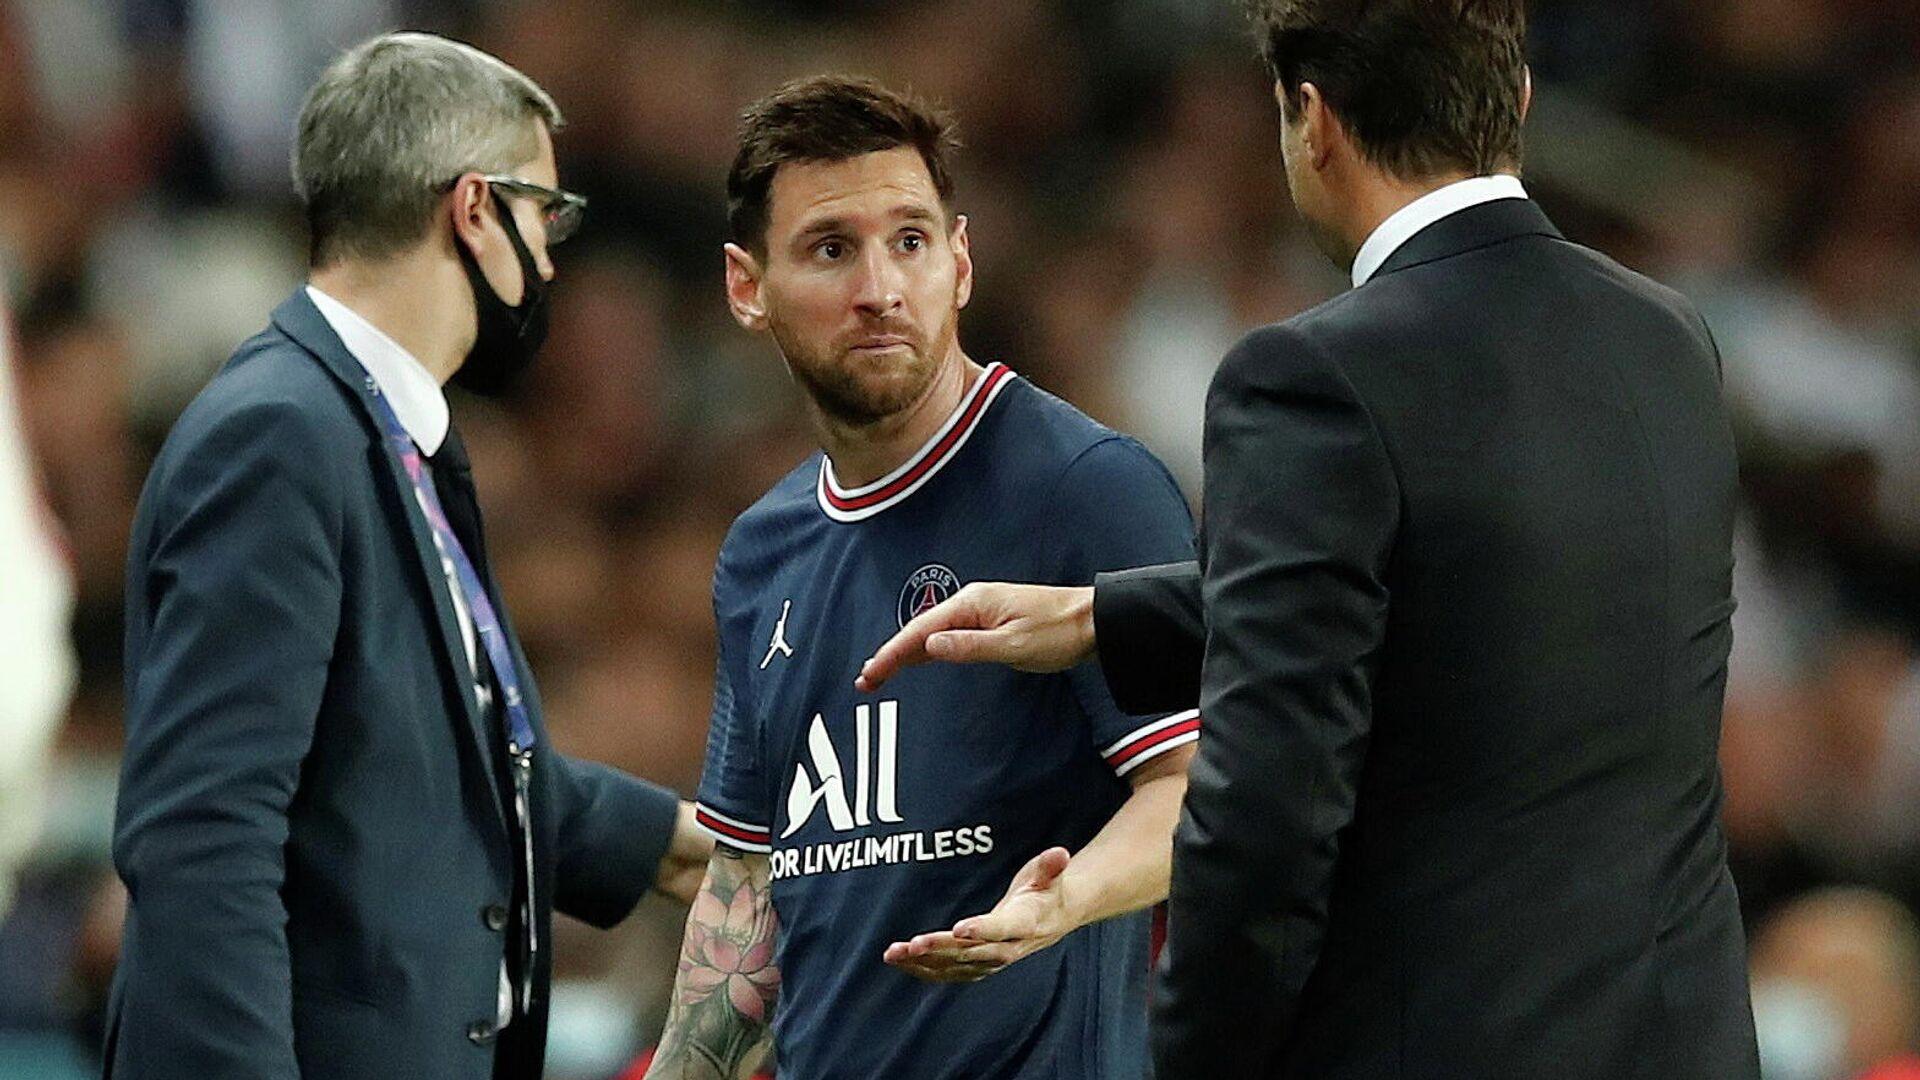 Lionel Messi, futbolista argentino - Sputnik Mundo, 1920, 21.09.2021